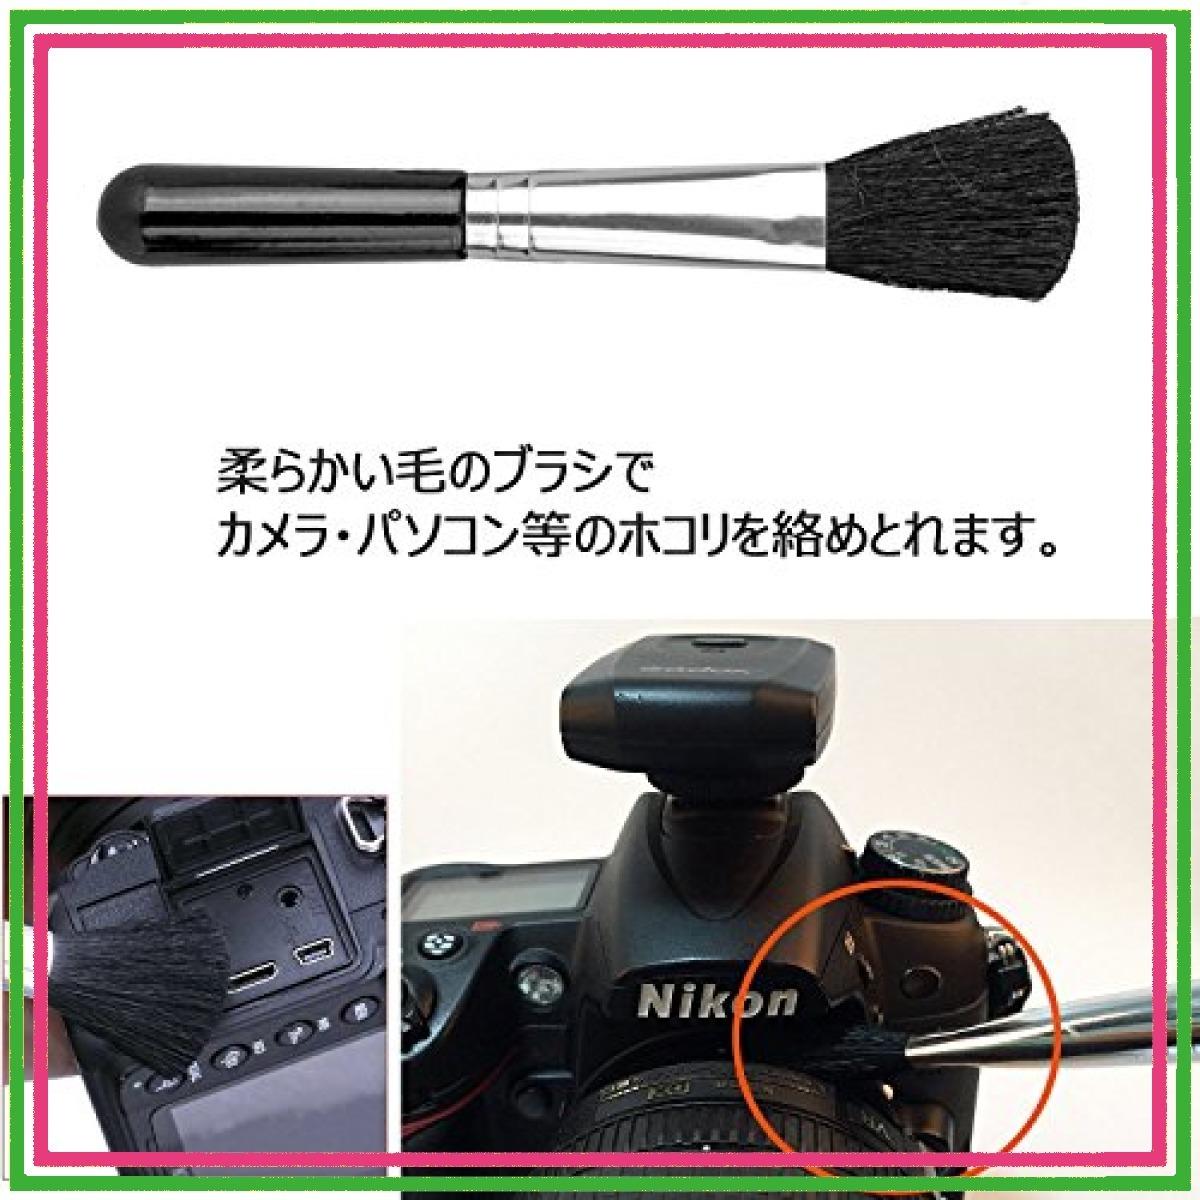 4点セット MyArmor クリーニングブラシ 静電気防止 スケールモデル/カメラ/パソコン/スマートフォン 埃 掃除 ブラシ _画像5